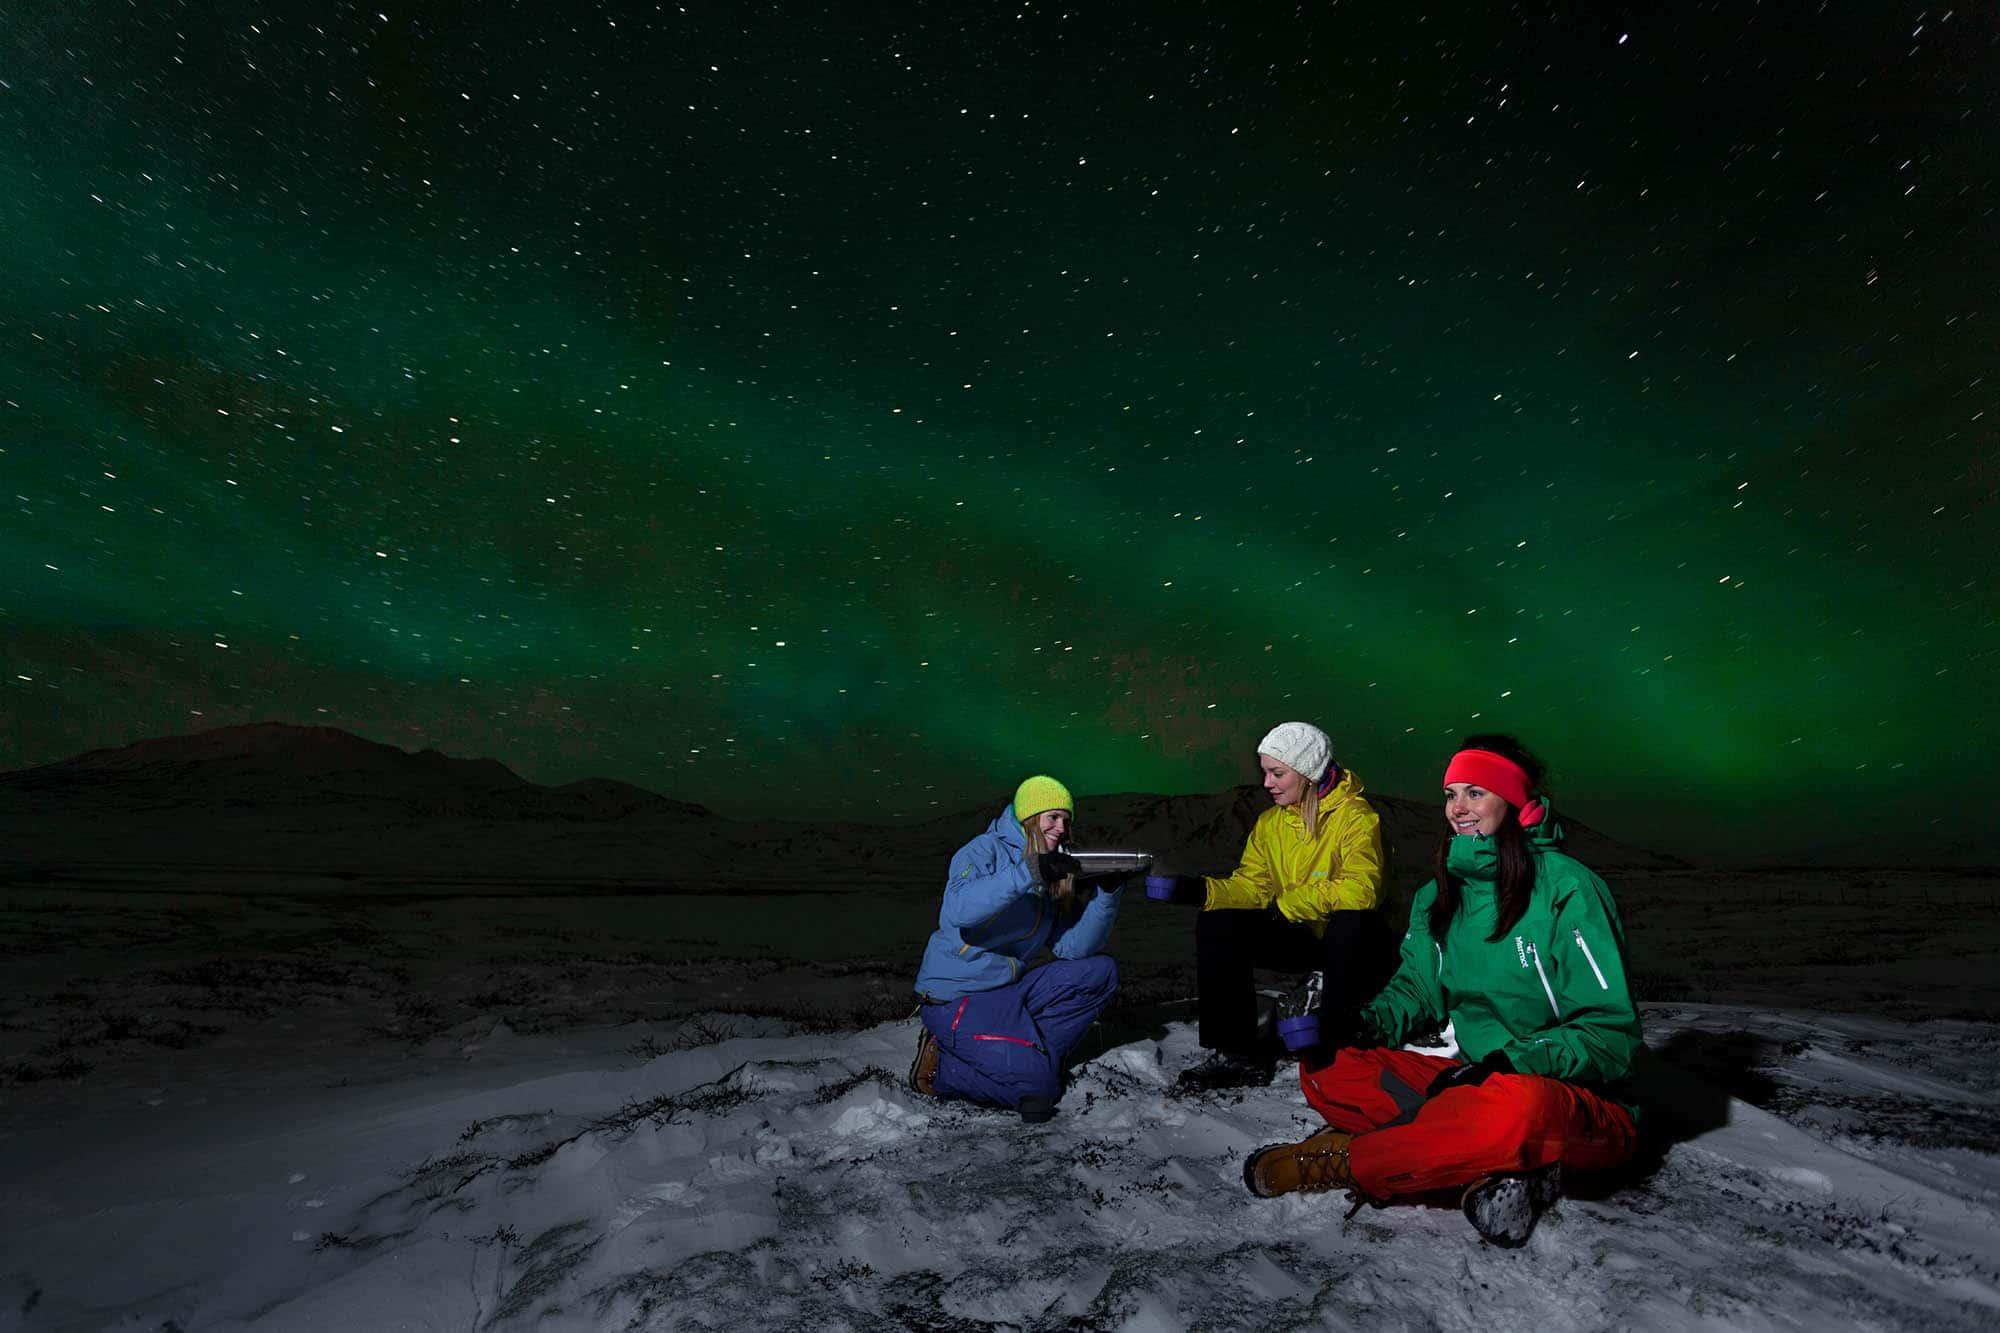 Reykjavik Northern Lights Tour by Super Jeep